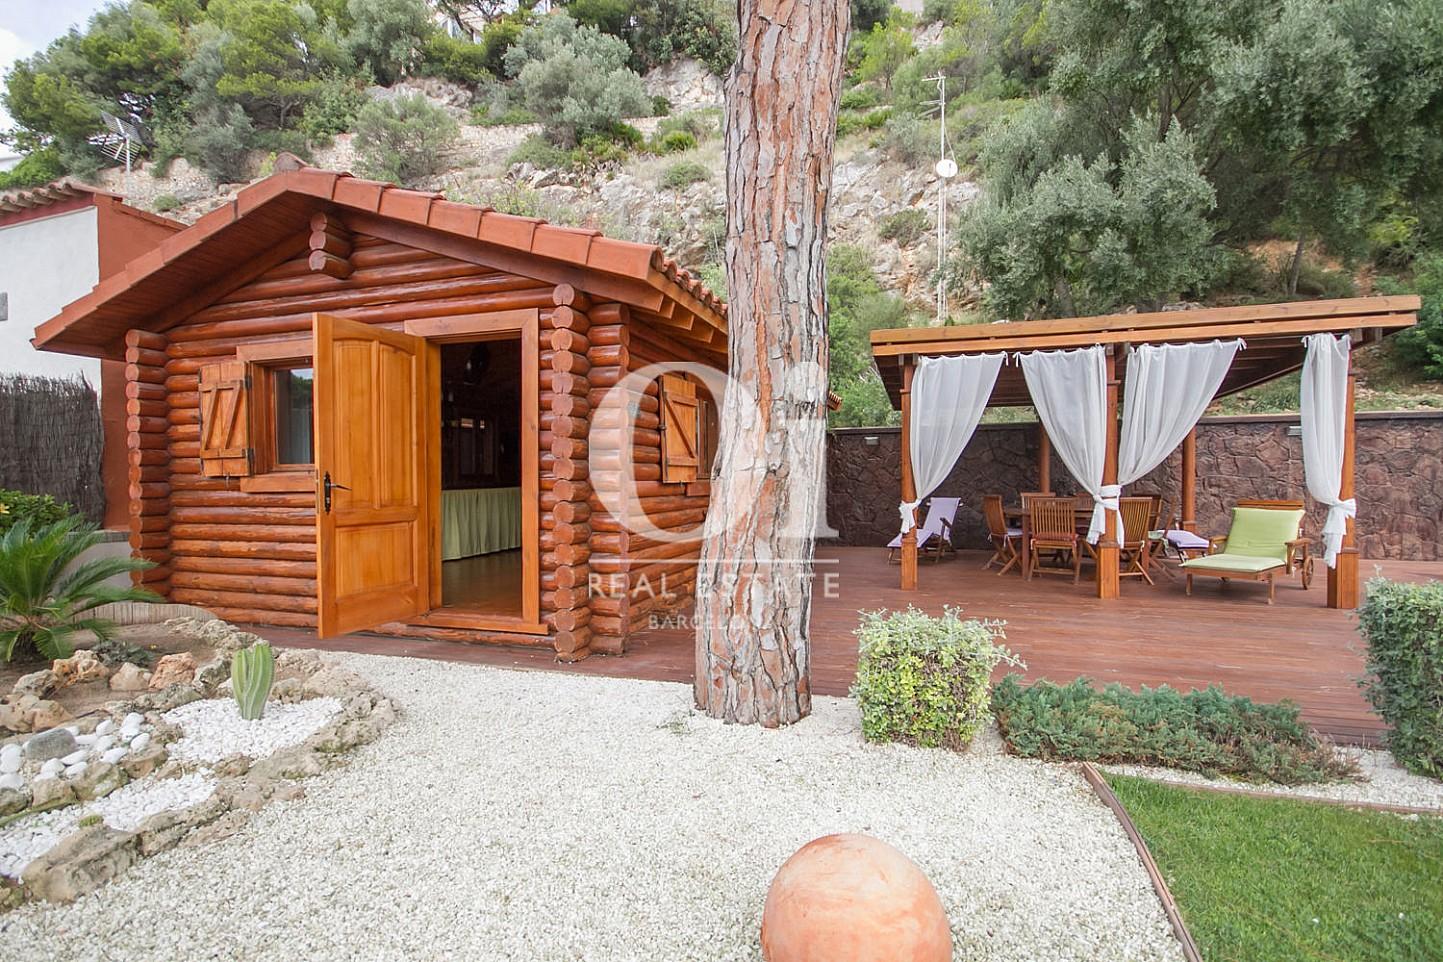 Fantàstica cabana al jardí